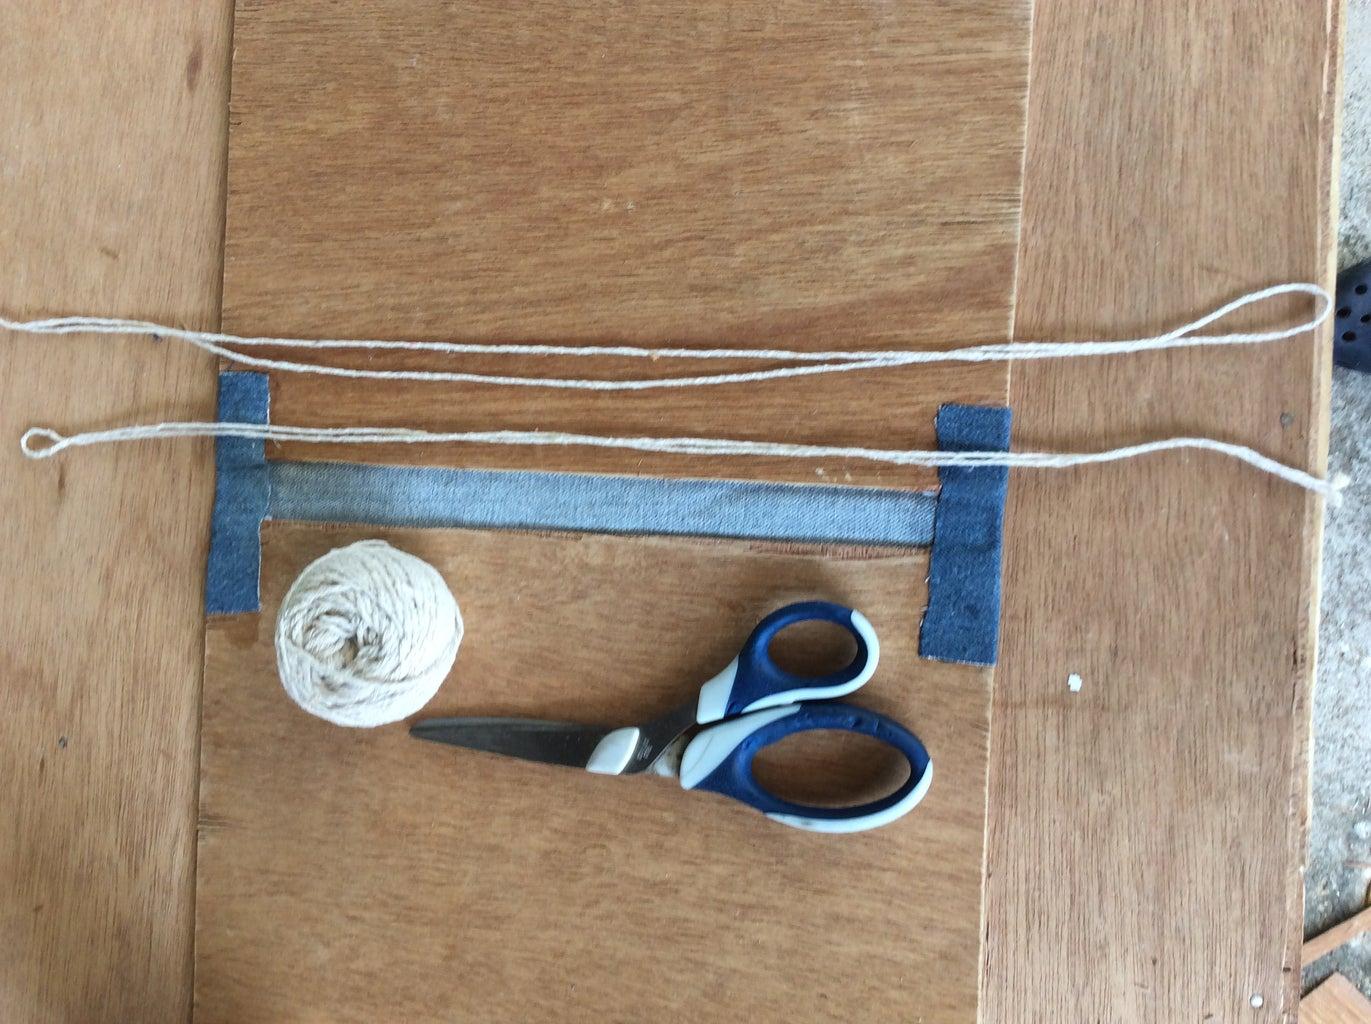 Preparing the Binding Strings